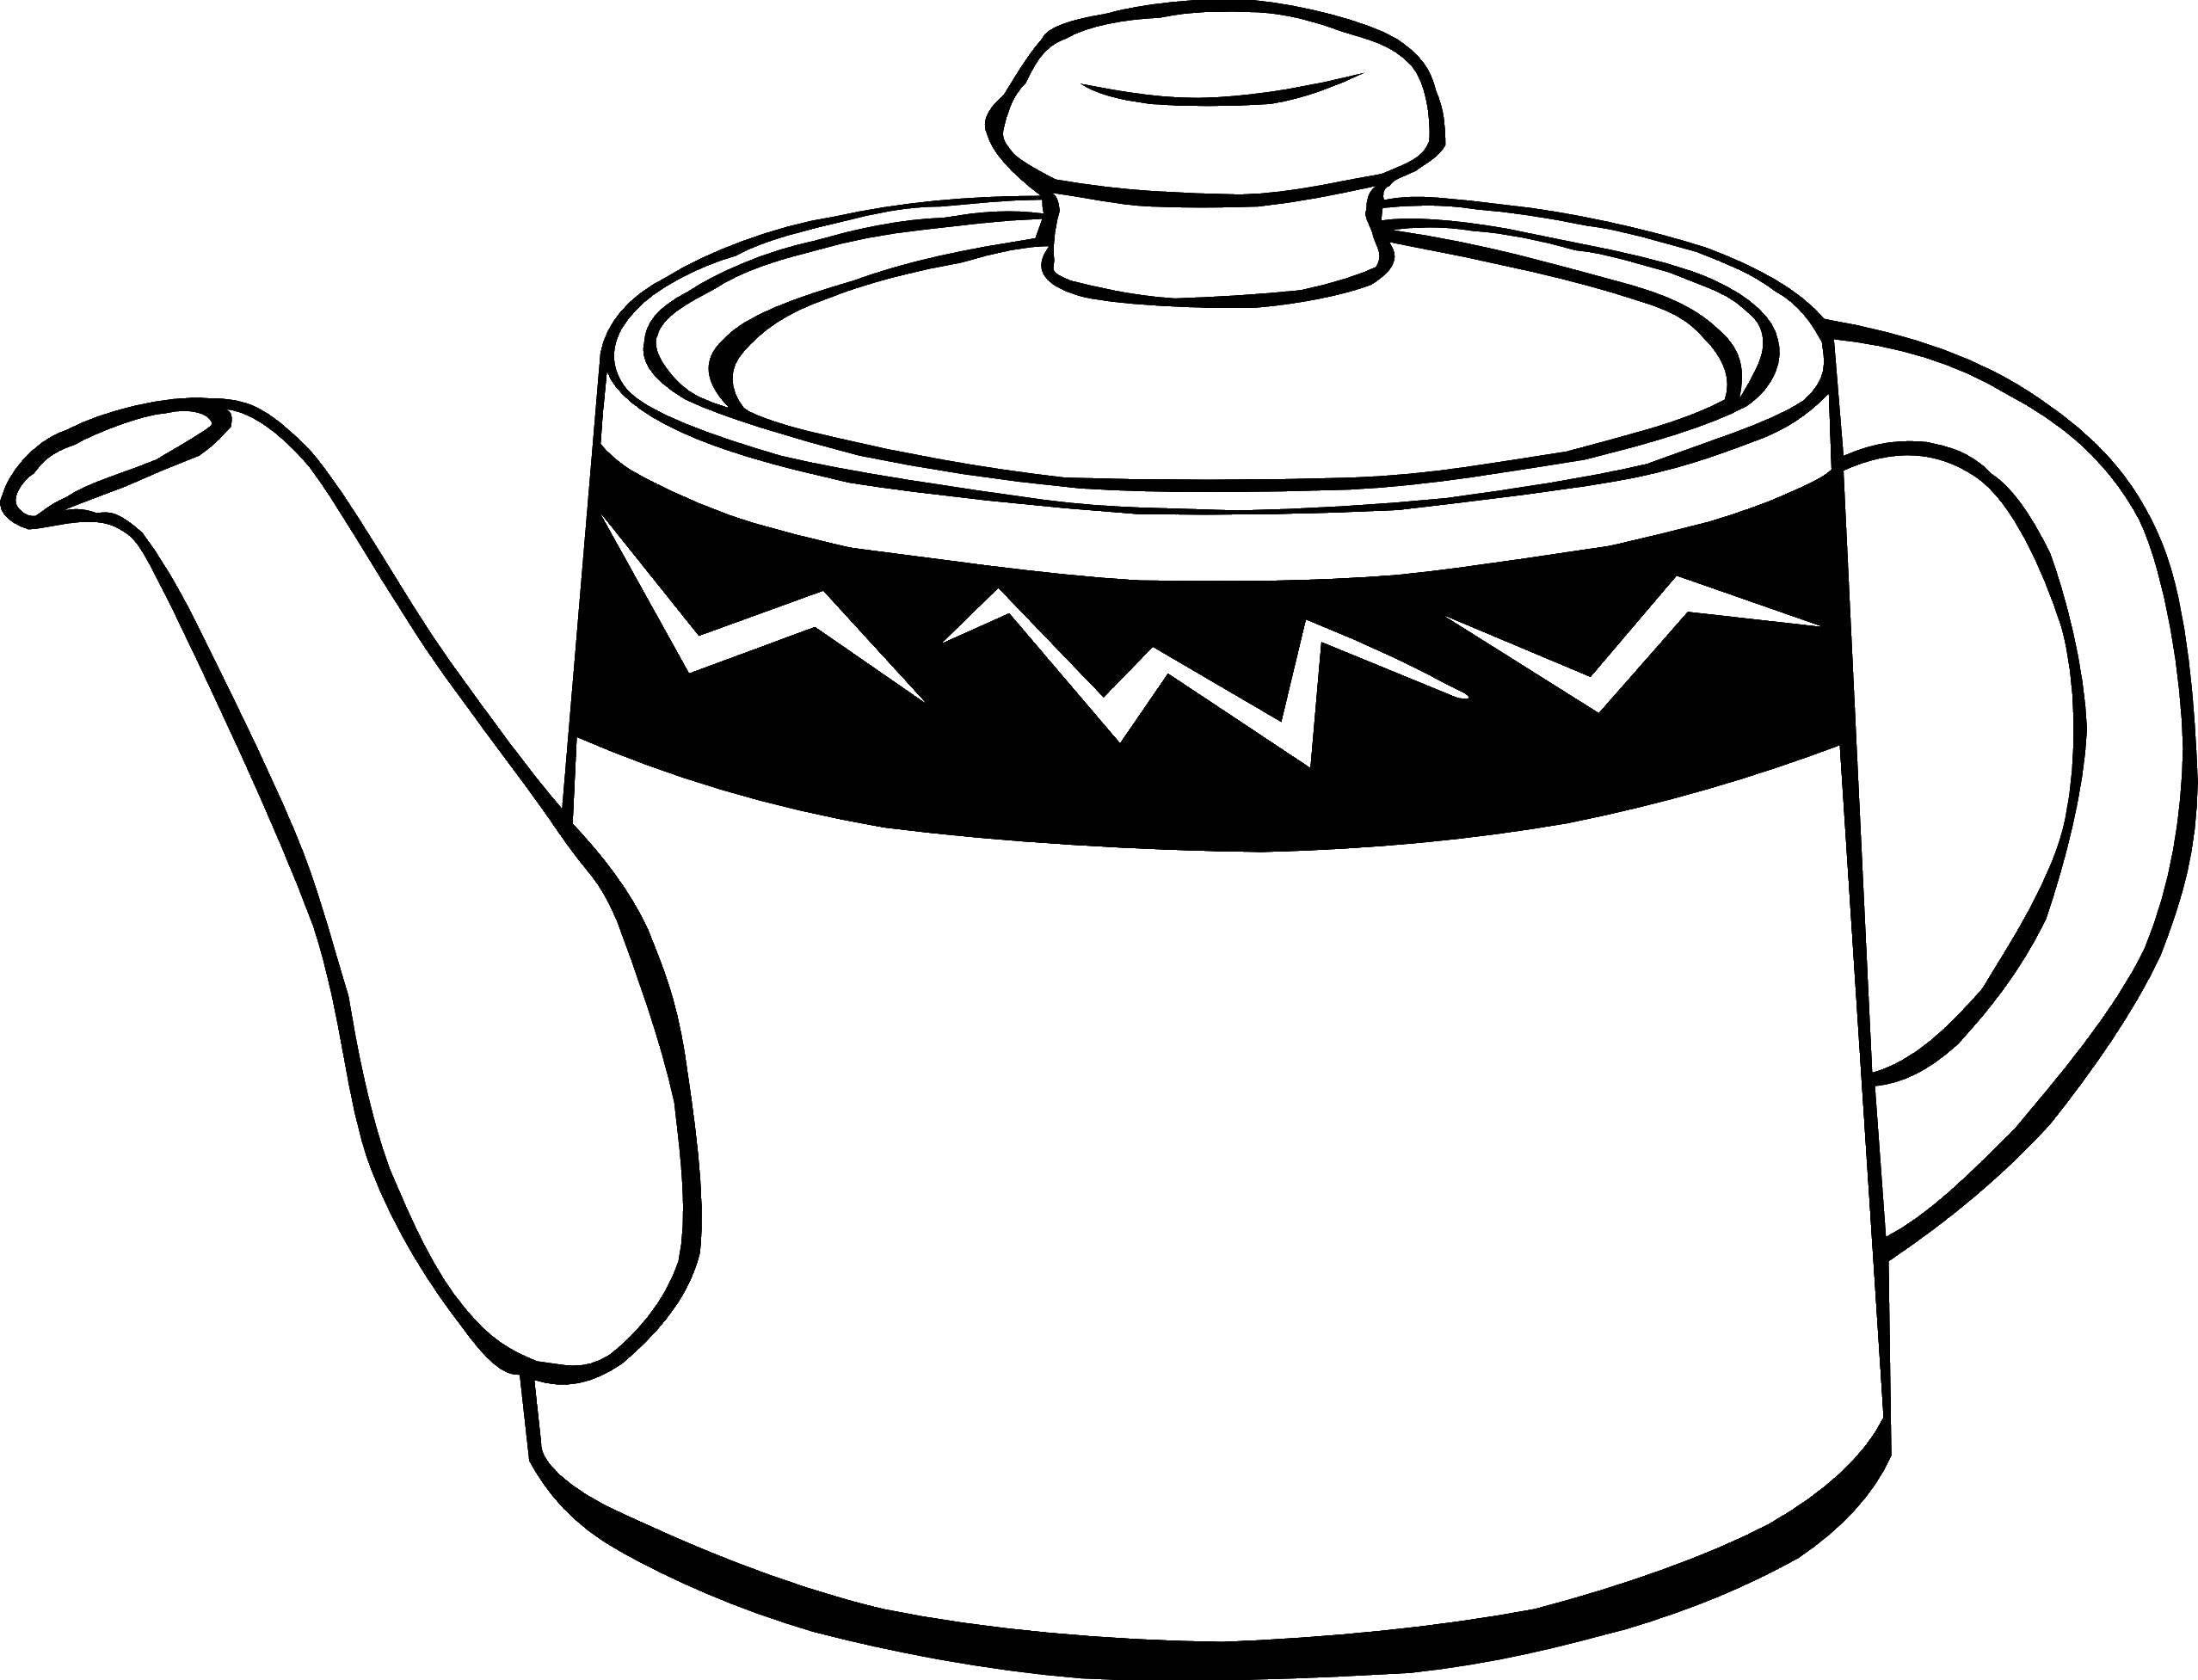 Чайник раскраска распечатать